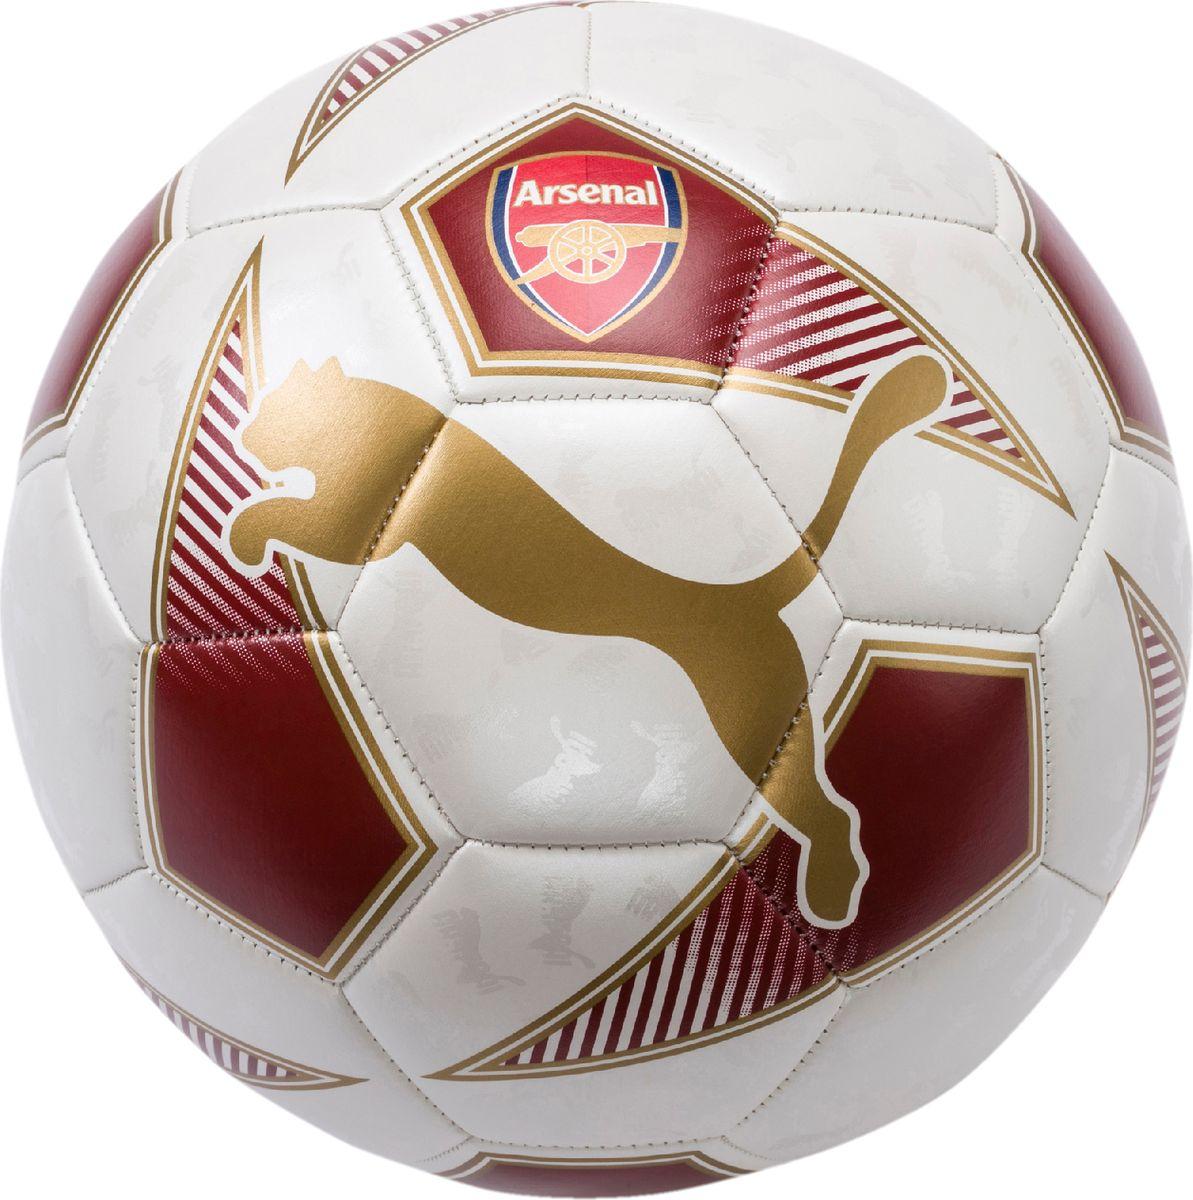 """Отличный мяч для игр на любительском уровне и для всех фанатов ФК  """"Арсенал"""". Сочетание покрытия из термополиуретана, подложки из  вспененного термопластичного эластомера и полиэстера, а также надежная  машинная прошивка панелей создают такие характеристики мяча, которые  обеспечивают удобство приема, сохранение формы, чуткое реагирование на  любые действия игрока, предсказуемость отскока, отличные  аэродинамические качества."""